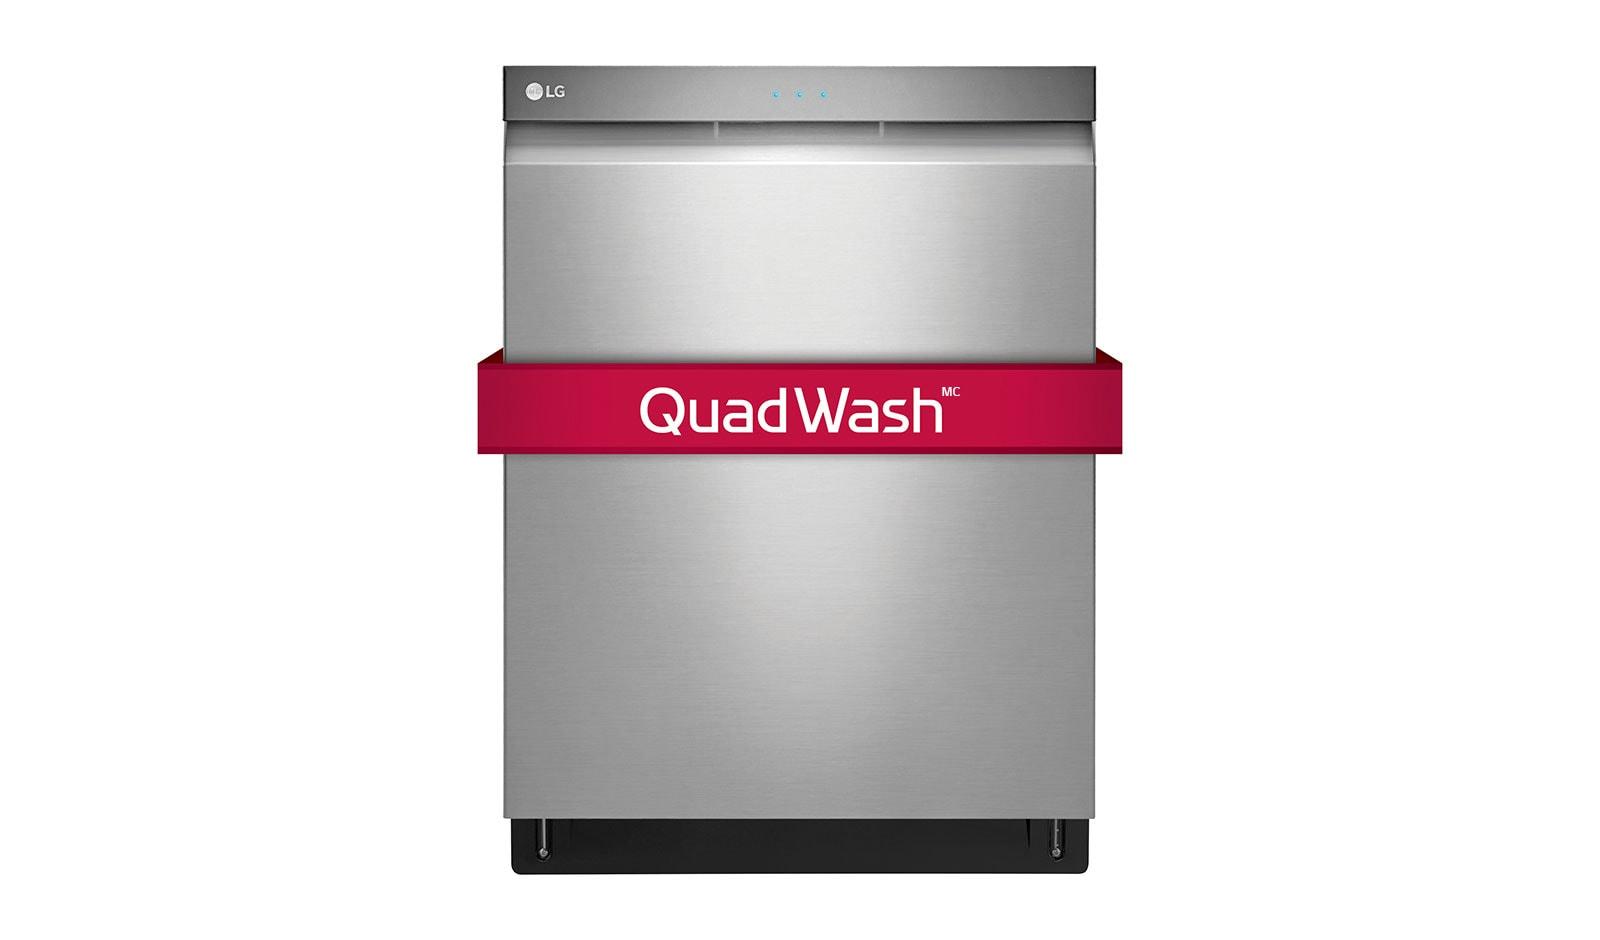 Quel Est Le Temps De Lavage D Un Lave Vaisselle lg lave-vaisselle à commande frontale avec quadwash<sup>mc